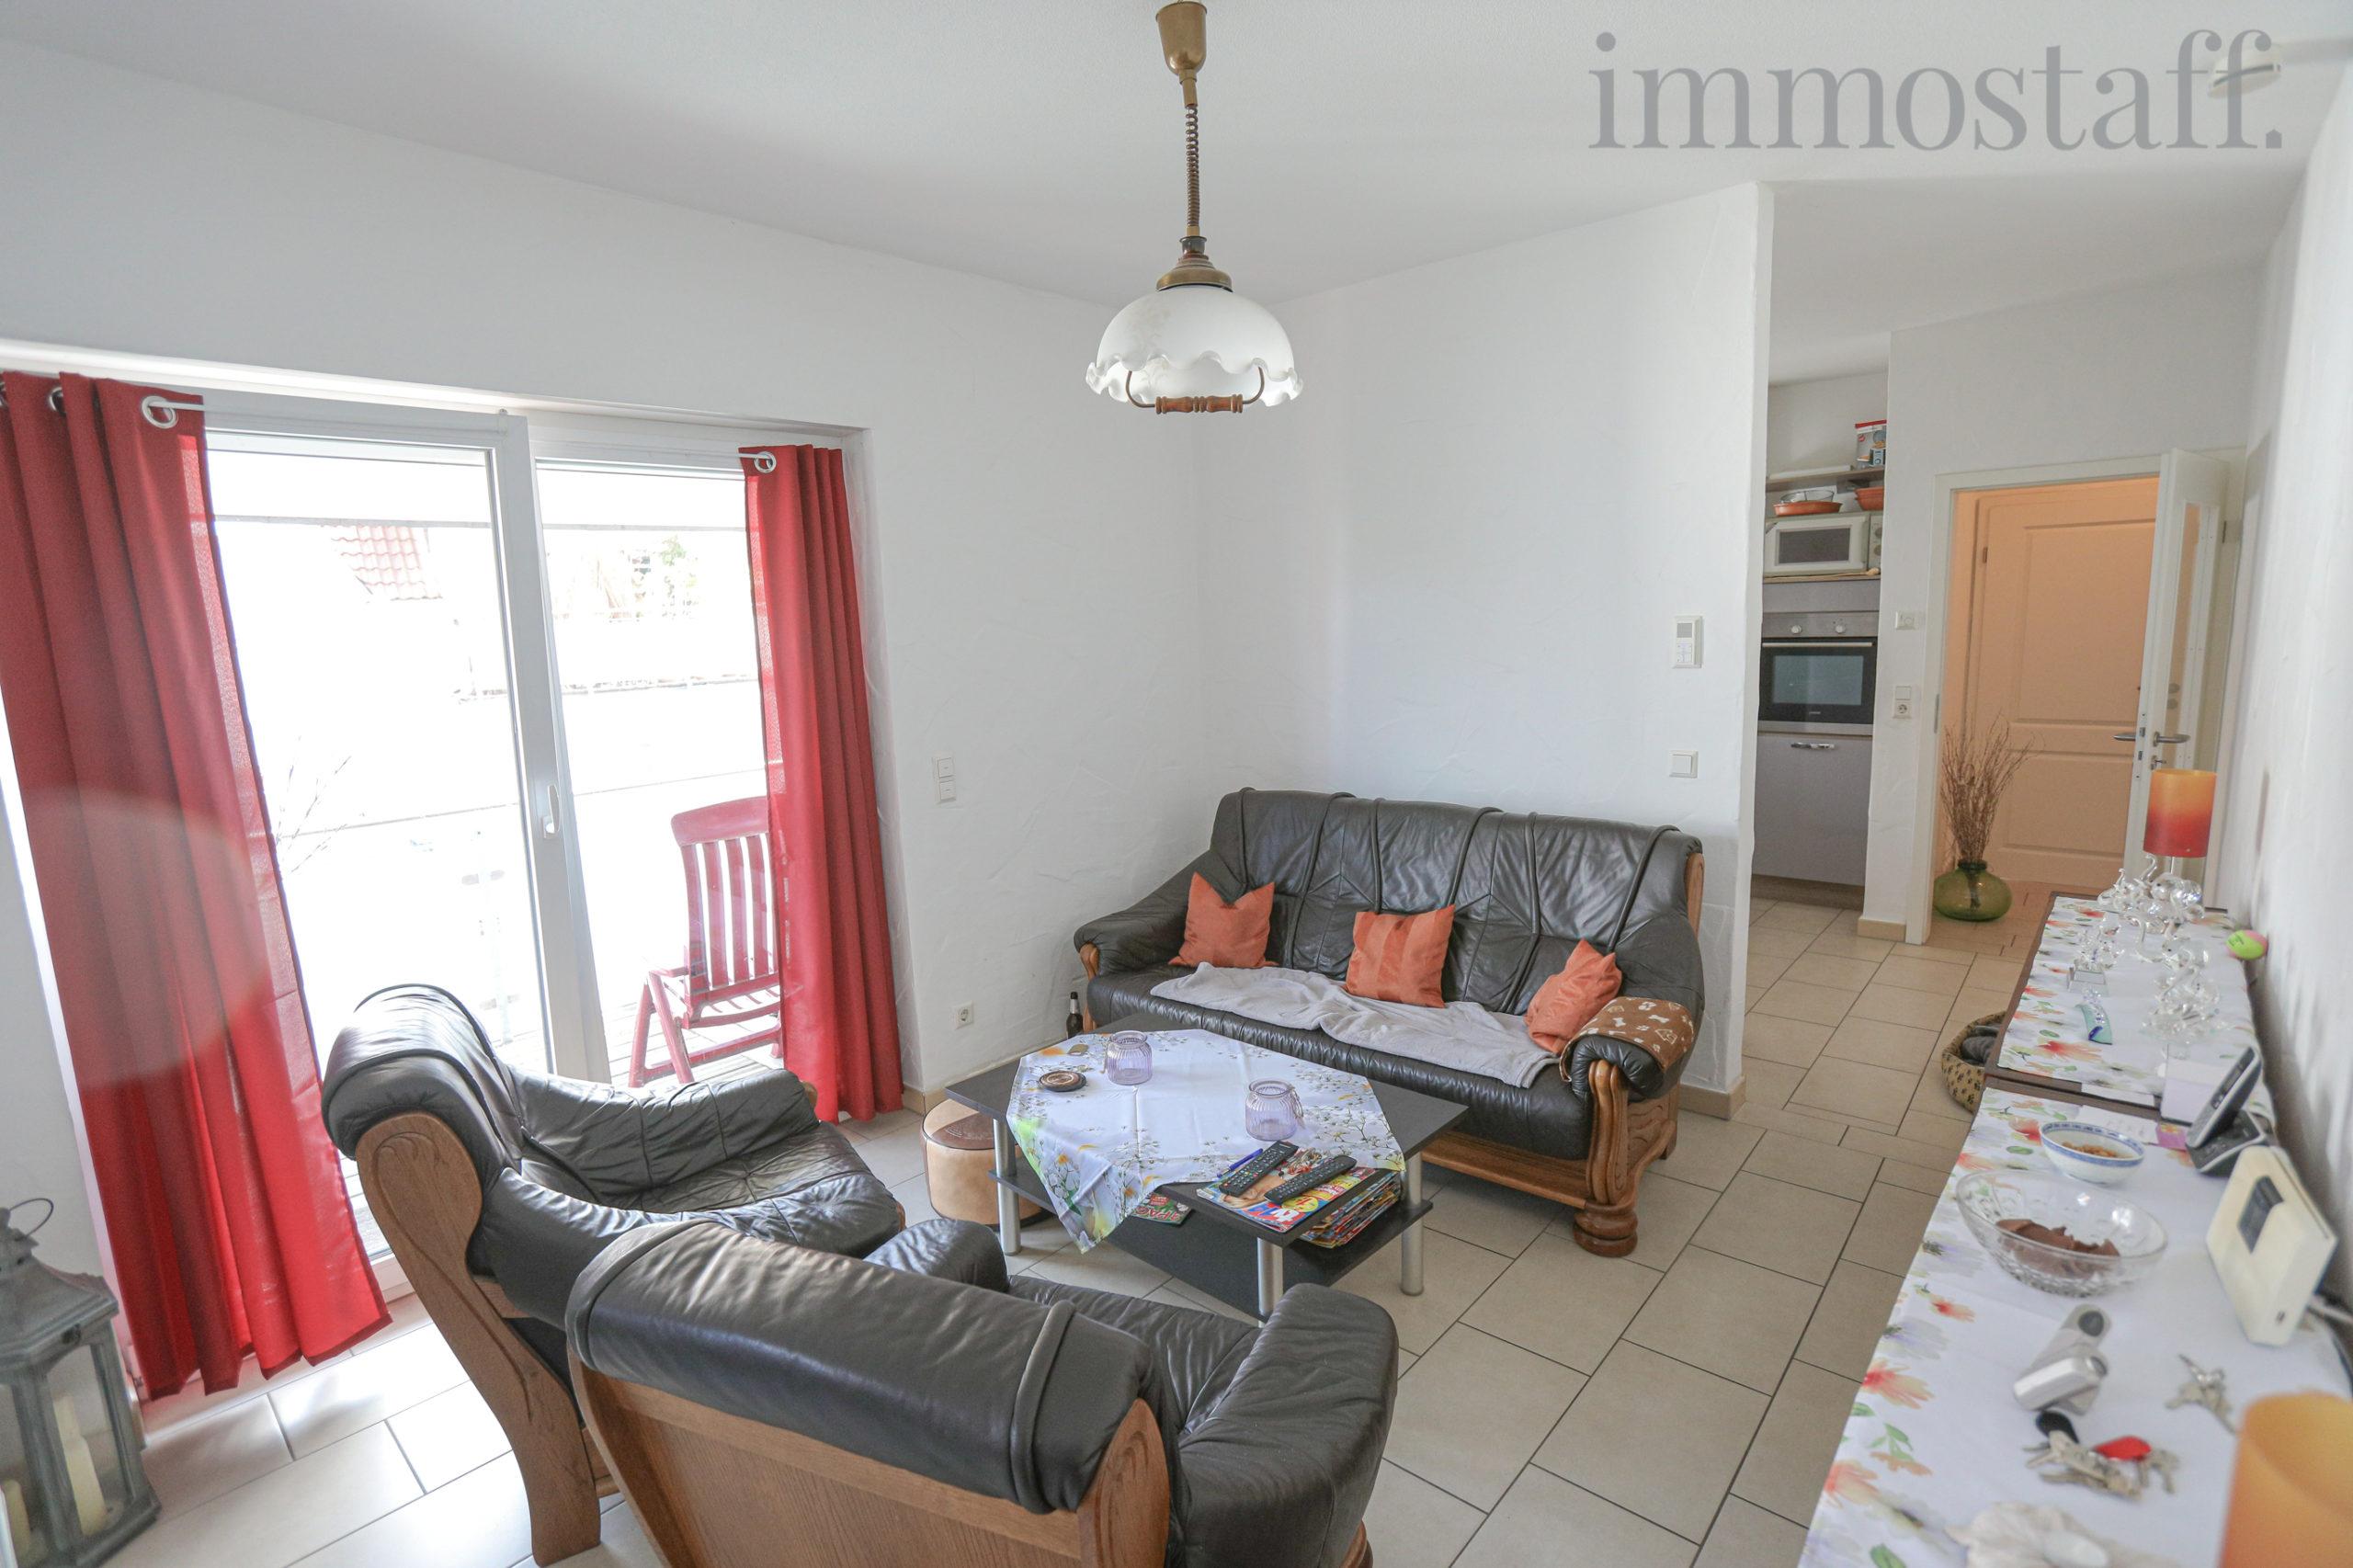 Wohnung 1, Wohnzimmer